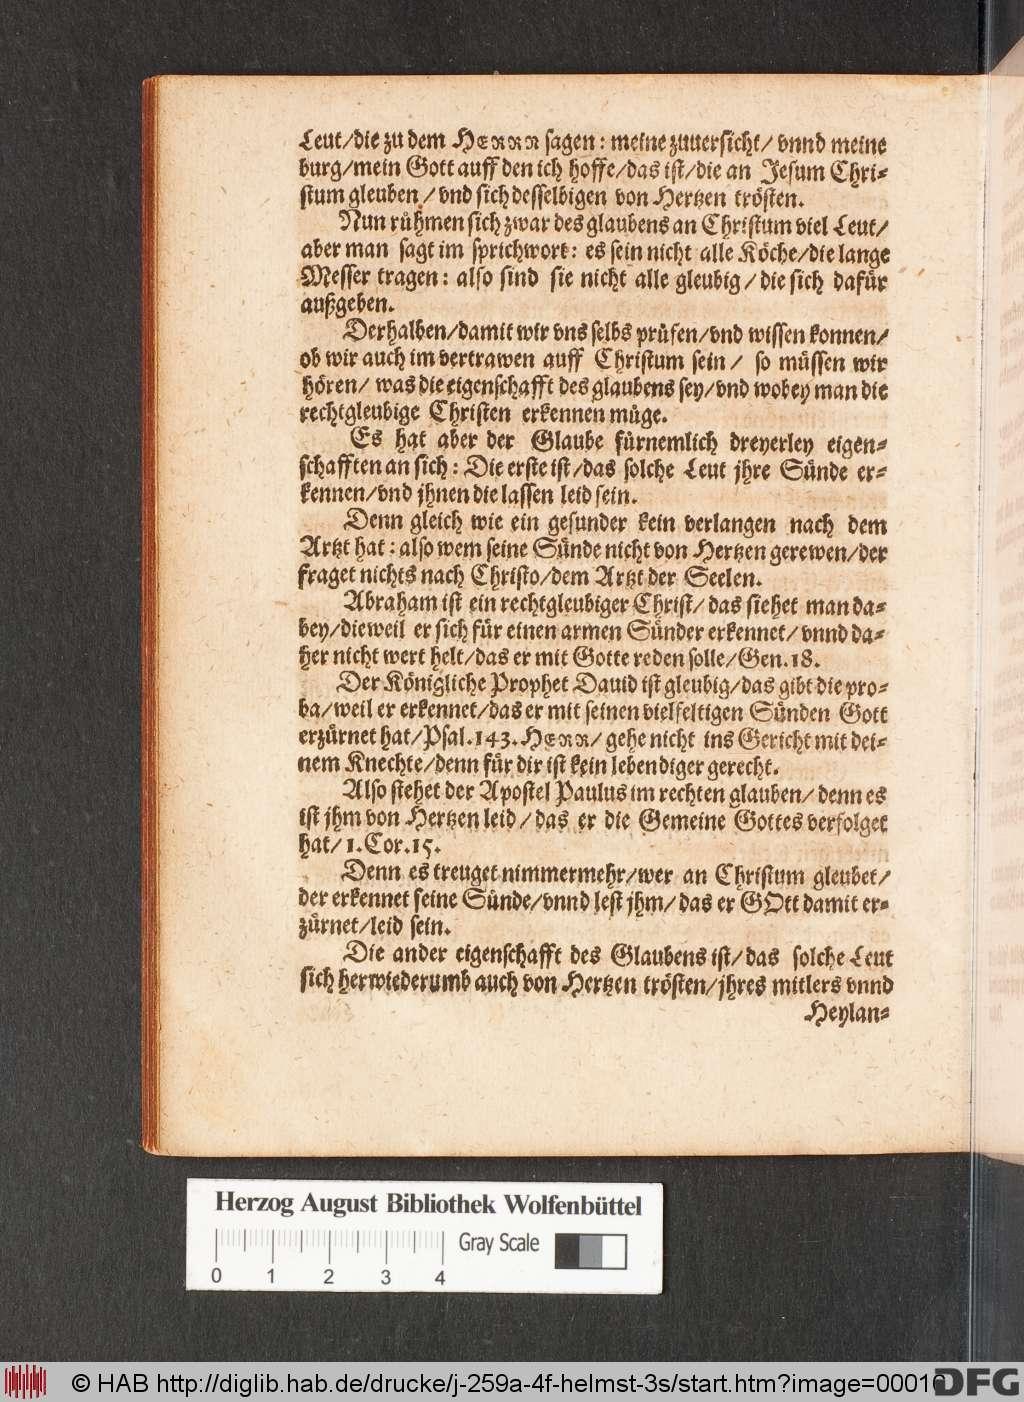 http://diglib.hab.de/drucke/j-259a-4f-helmst-3s/00016.jpg